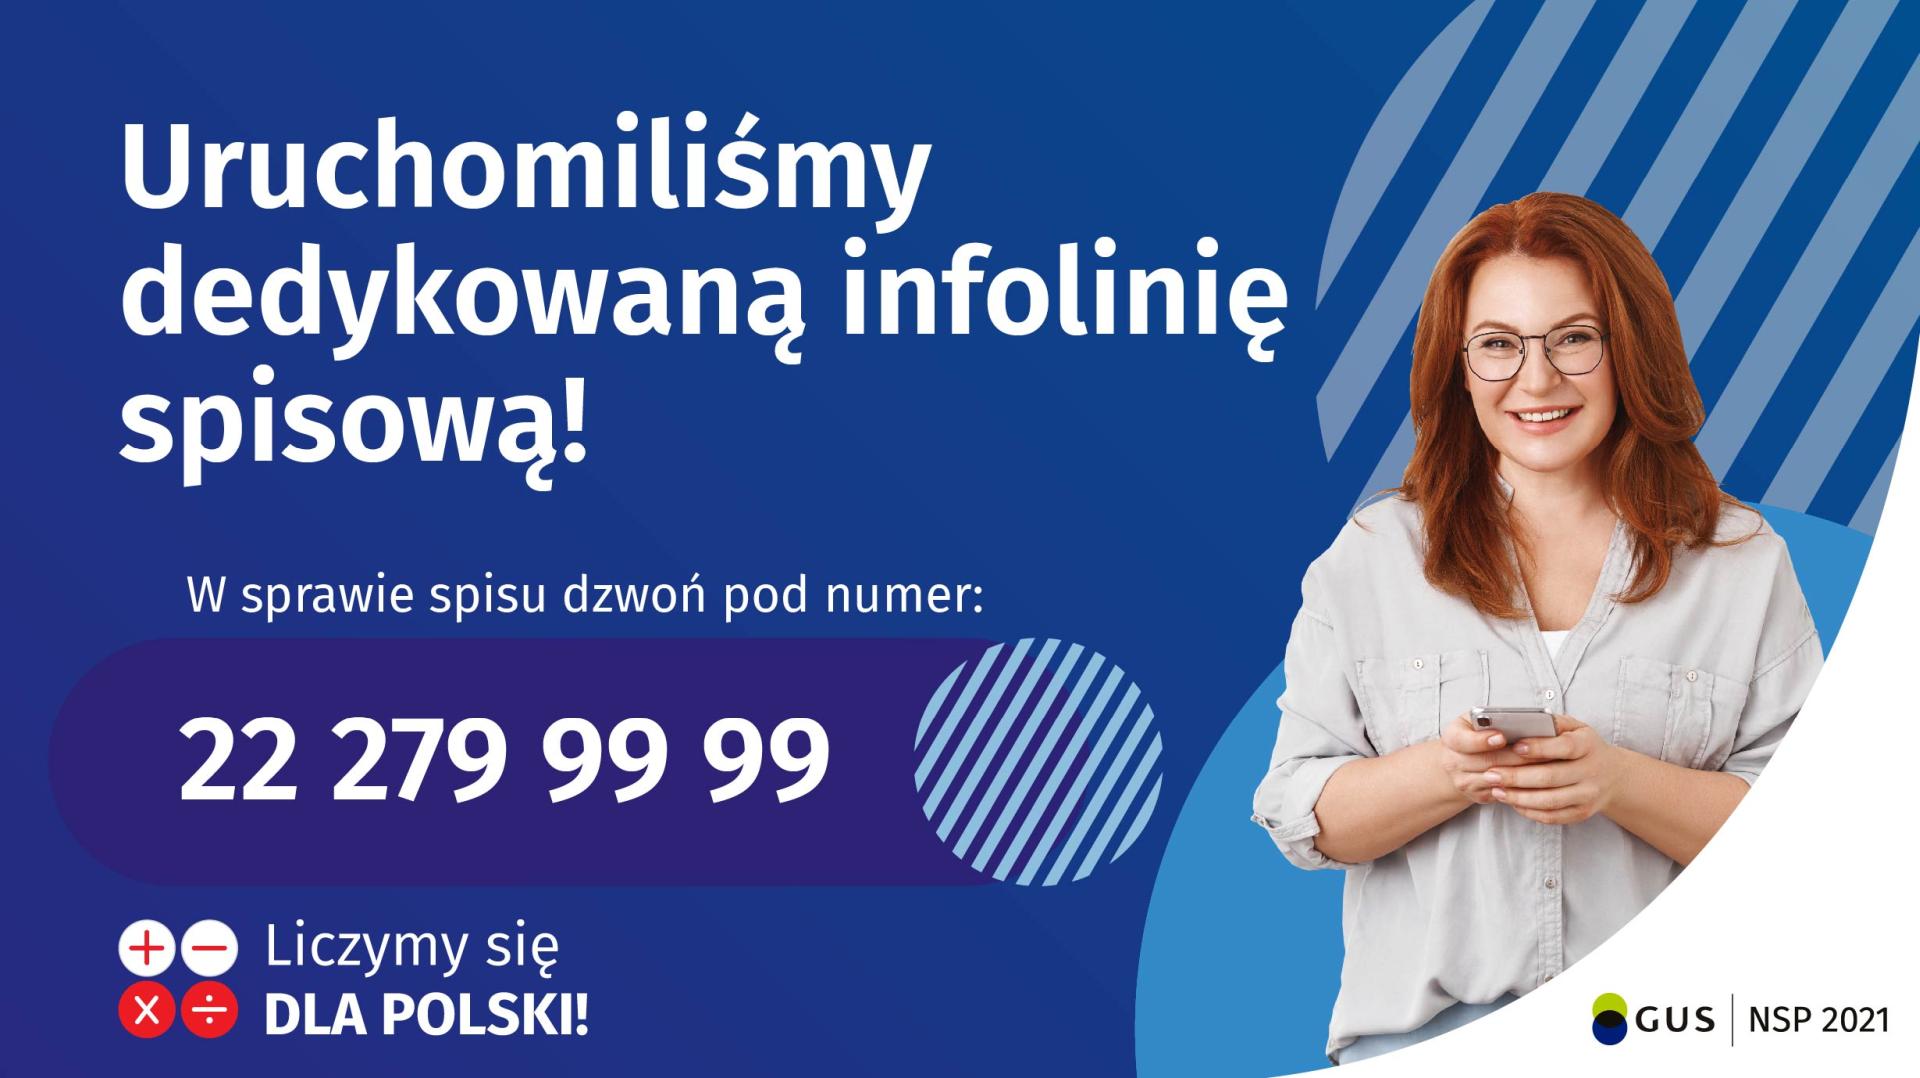 infolinia-nsp-2021.png